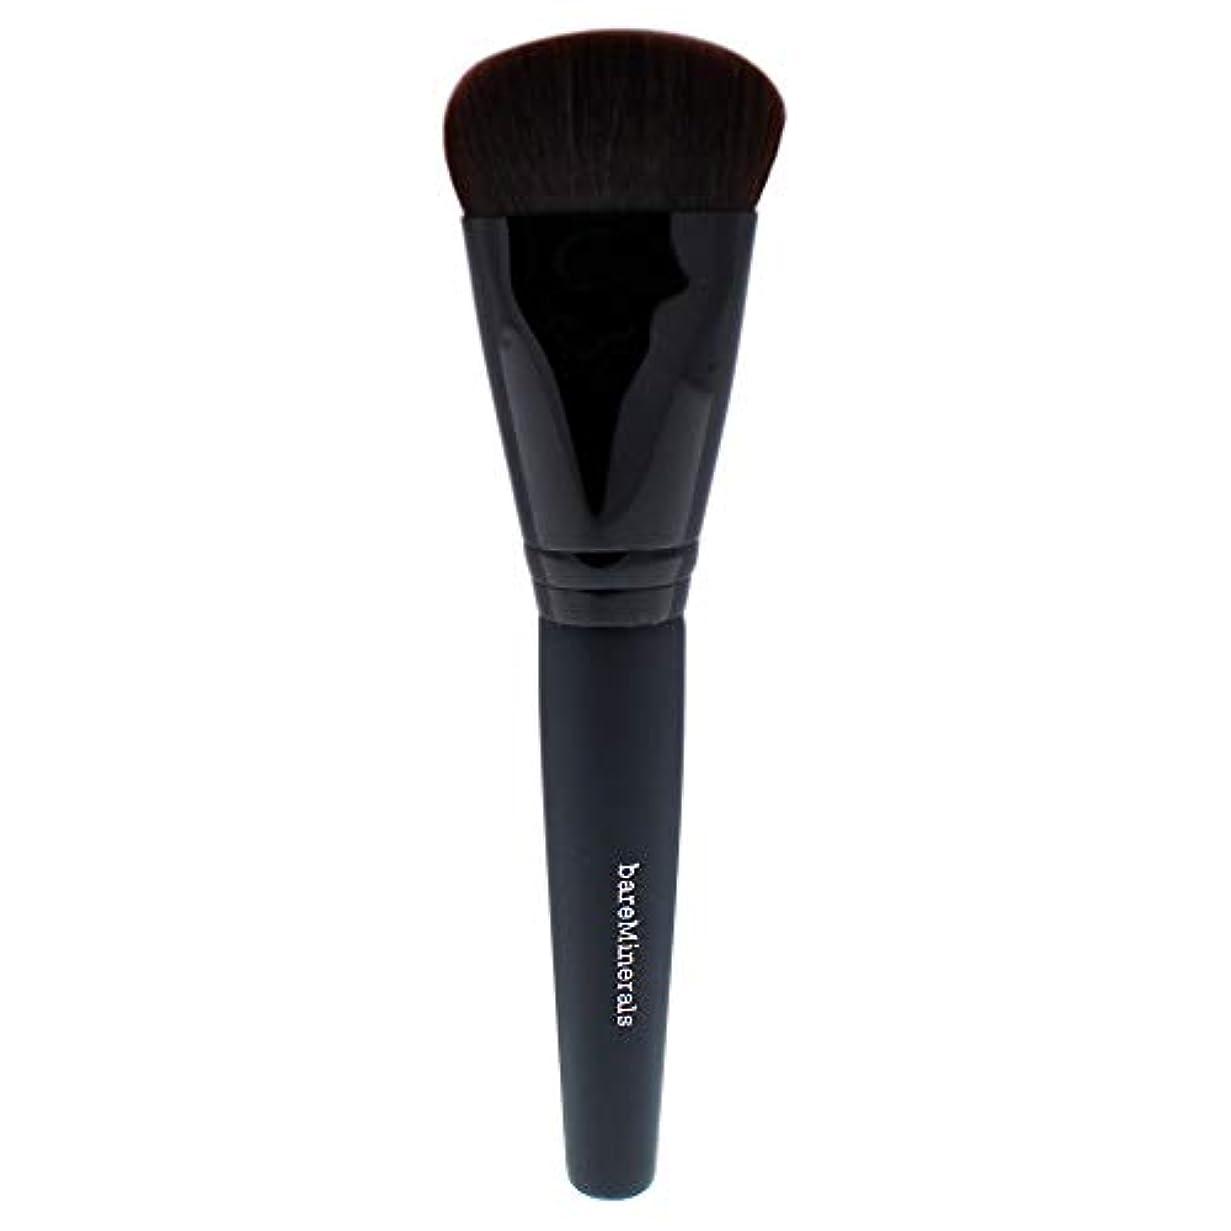 名前のために解明するベアミネラル Luxe Performance Brush -並行輸入品